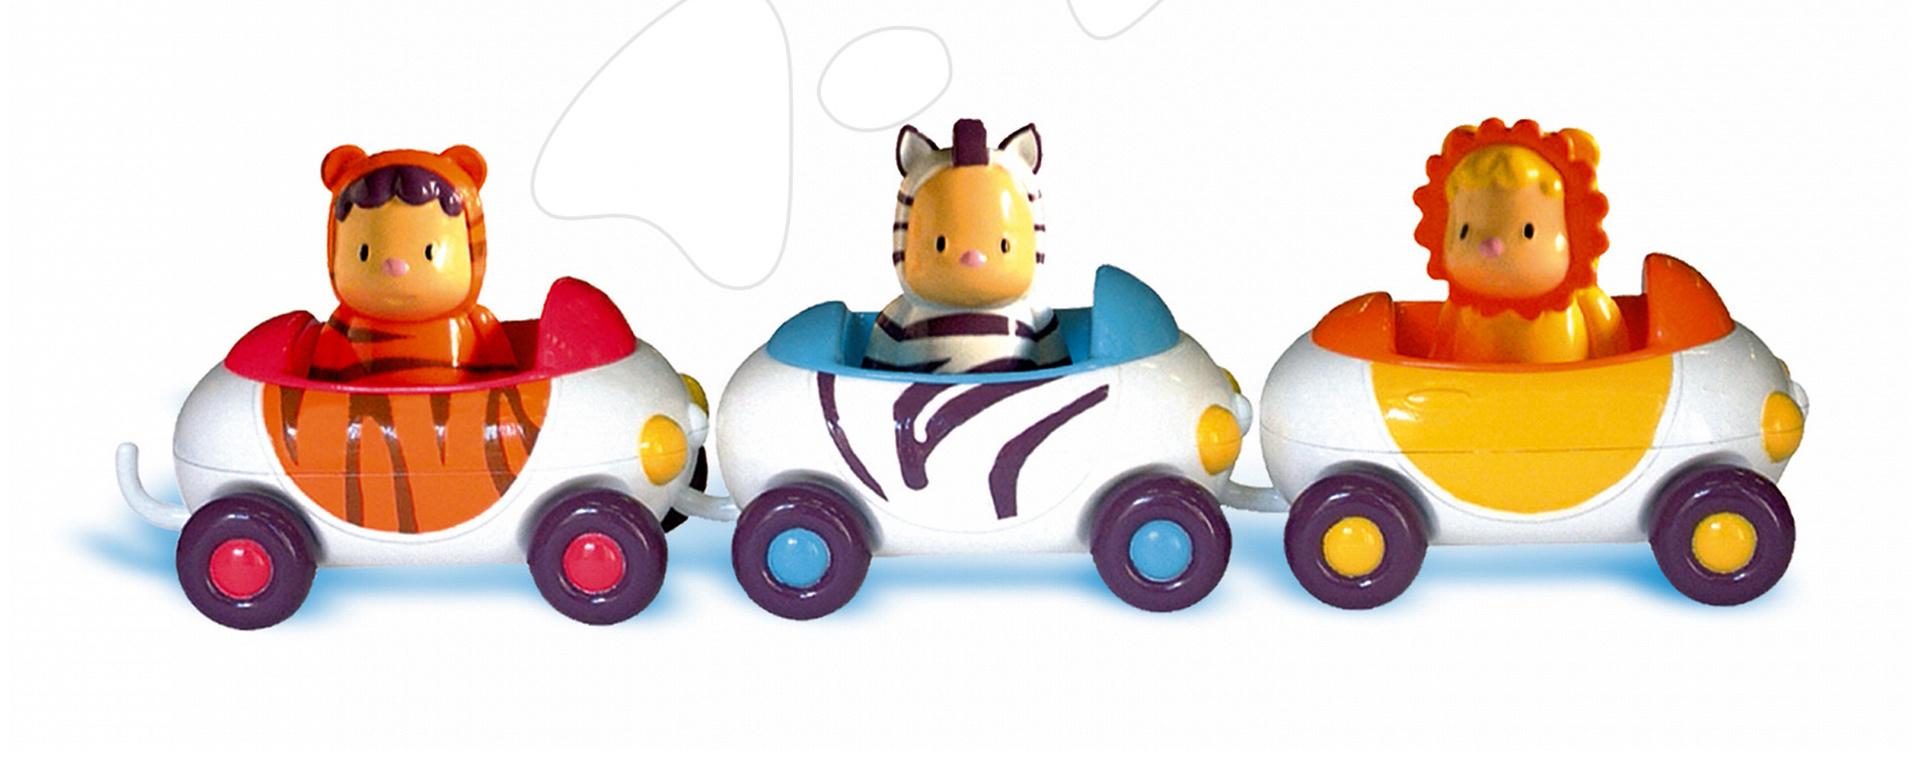 Maşini Imagin Car Cotoons Smoby 3 bucăţi de la 12 luni